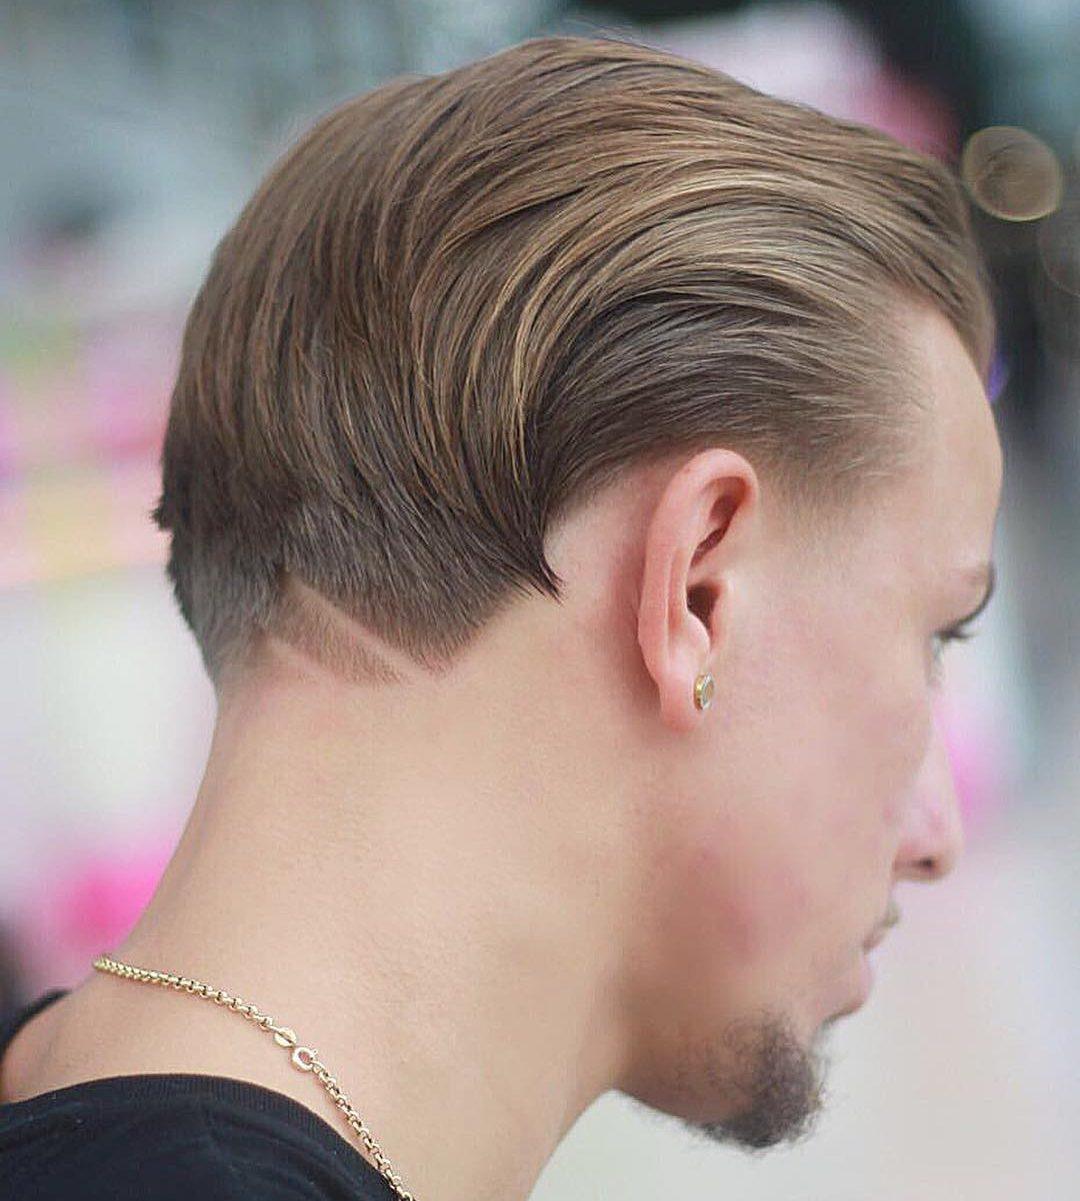 new hairstyles for men neckline hair design